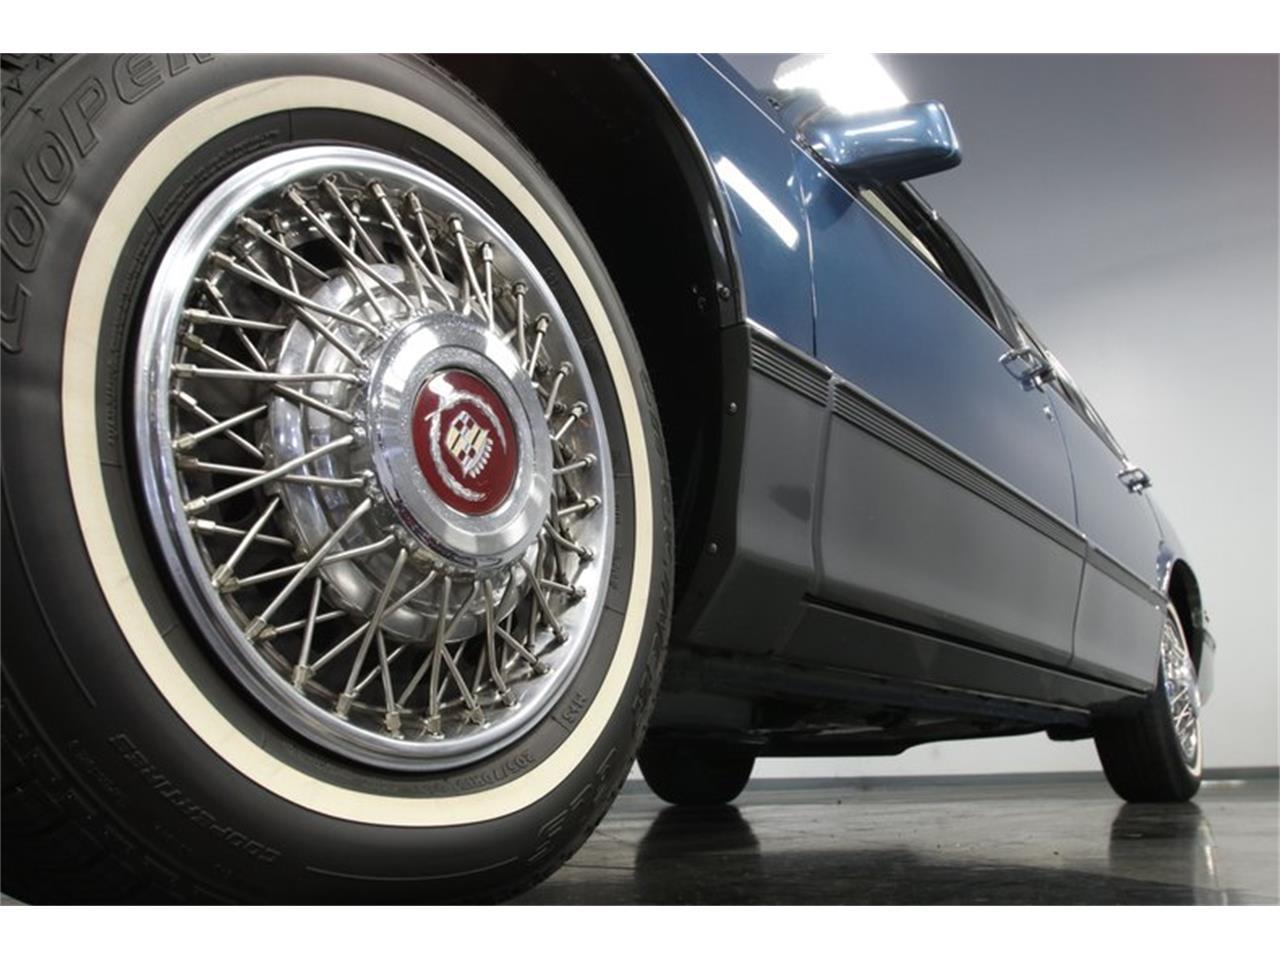 1989 Cadillac Sedan (CC-1380000) for sale in Concord, North Carolina